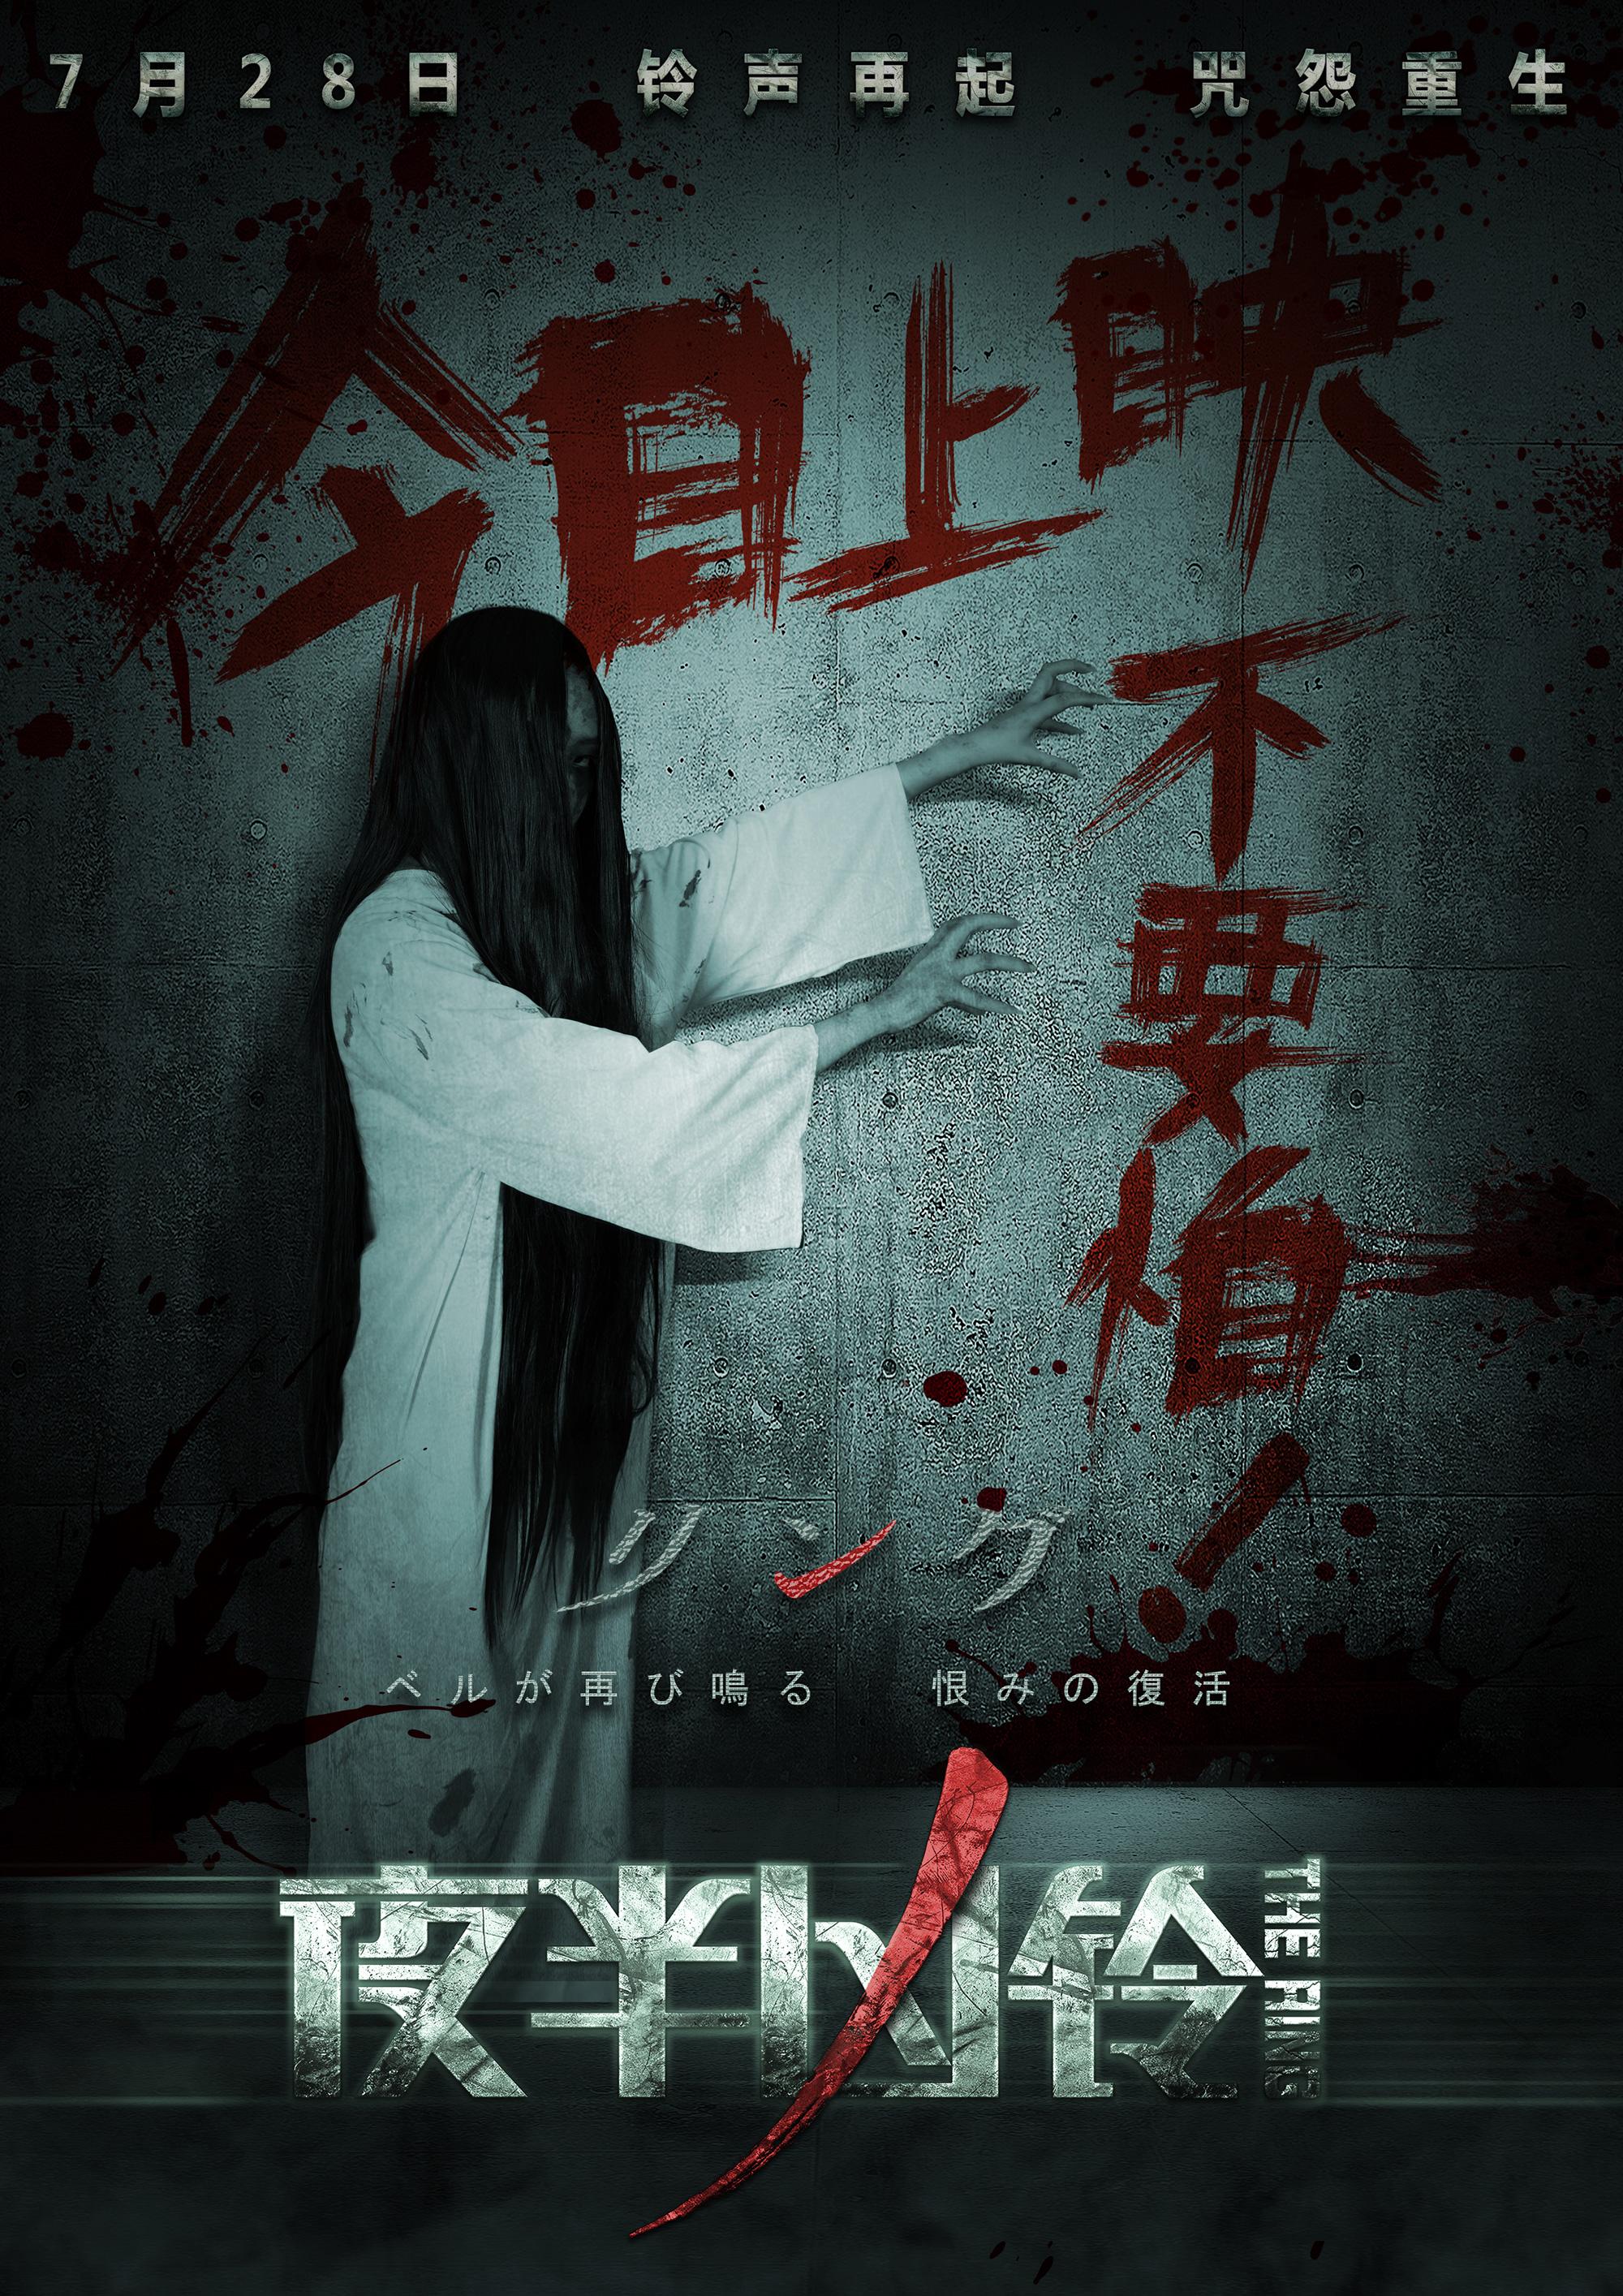 《夜半凶铃》今日上映 日式恐怖再现灵异故事